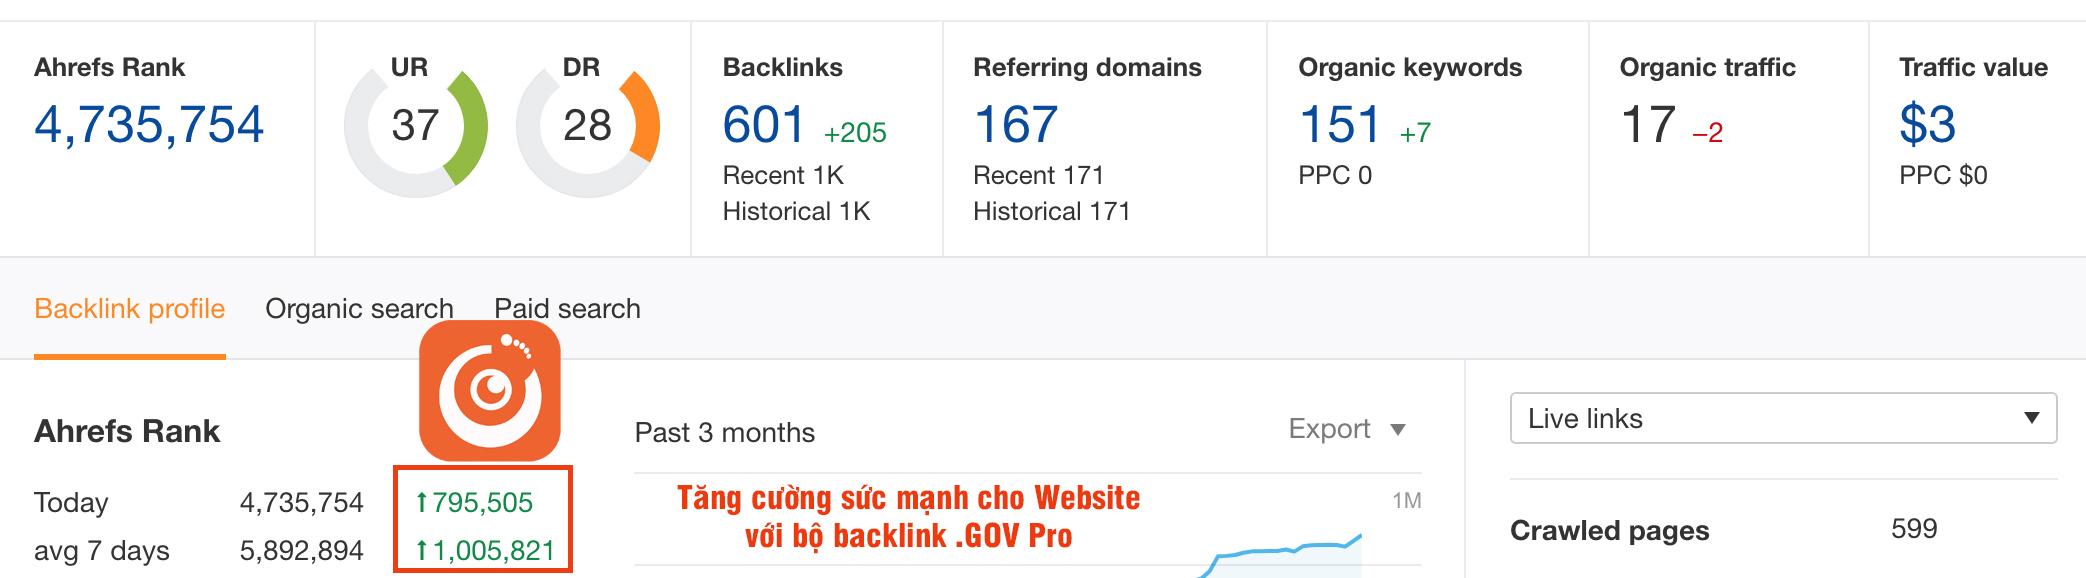 Dịch vụ Backlink GOV số 1 Việt Nam